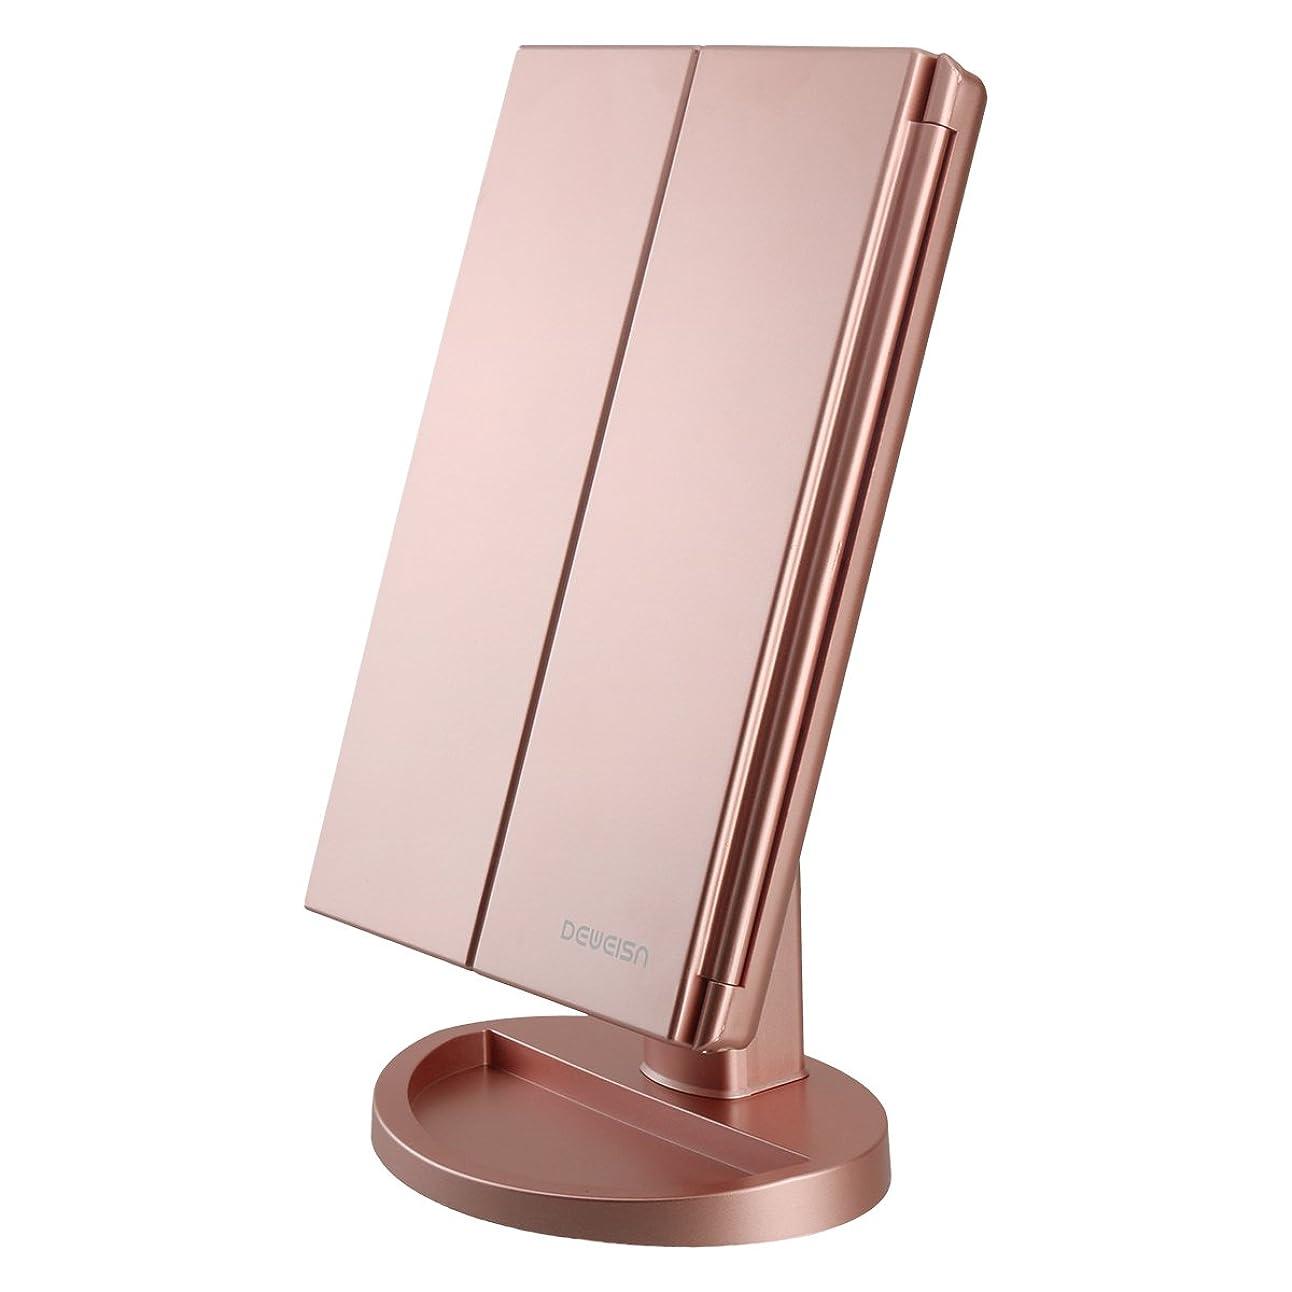 浸す悔い改めガウン卓上三面鏡 LED化粧鏡 電池交換可能 2倍&3倍拡大鏡付き 角度自由調整 明るさ調整可能 折り畳み式 LEDライト21個 全3色 スタンド ミラー (ローズゴールド)